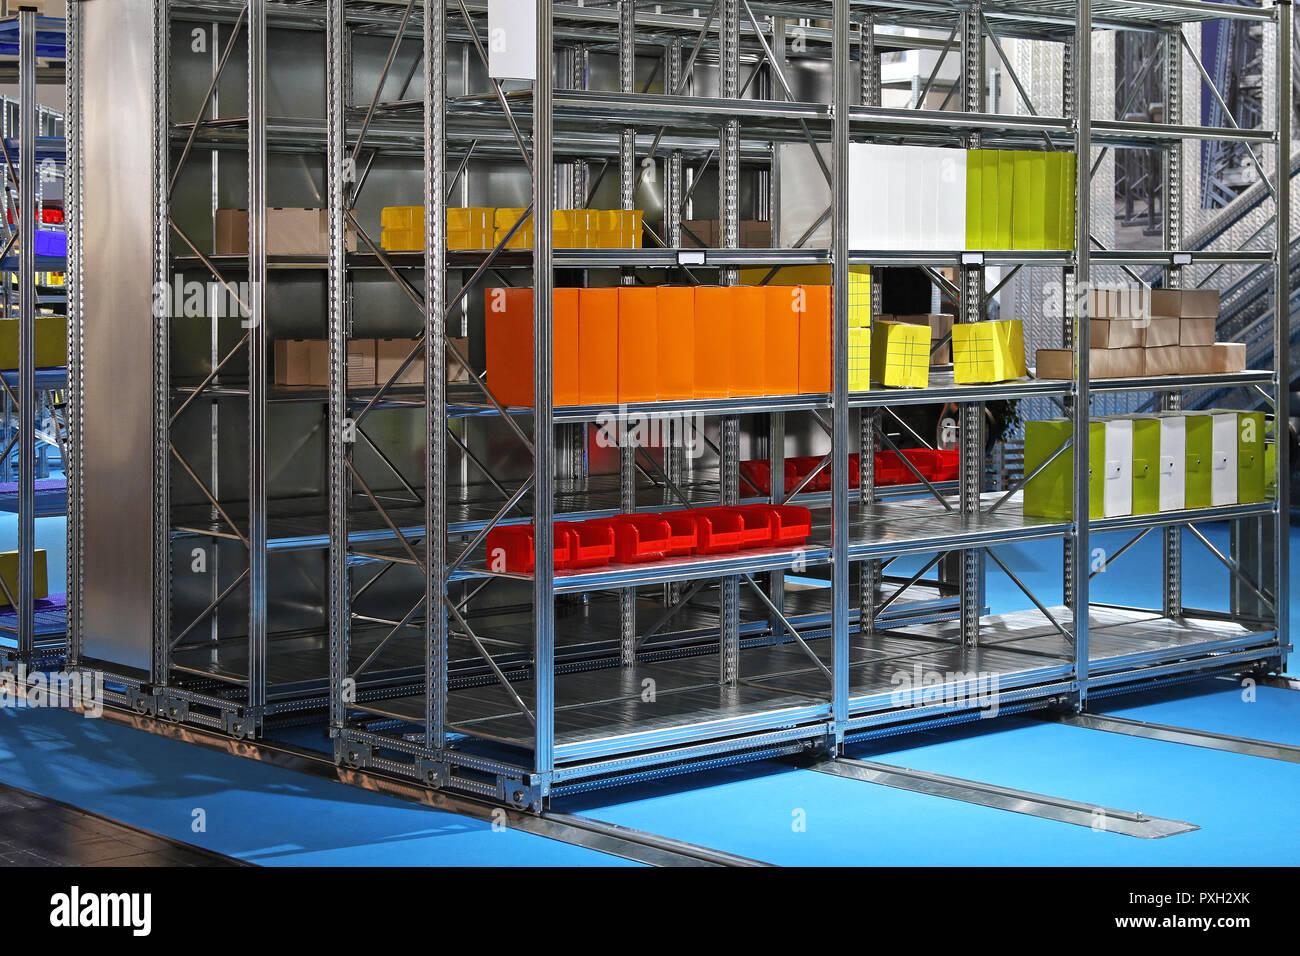 Almacenamiento En Estanterias Metalicas.Sistema De Almacenamiento En Estanterias Metalicas Moviles En El